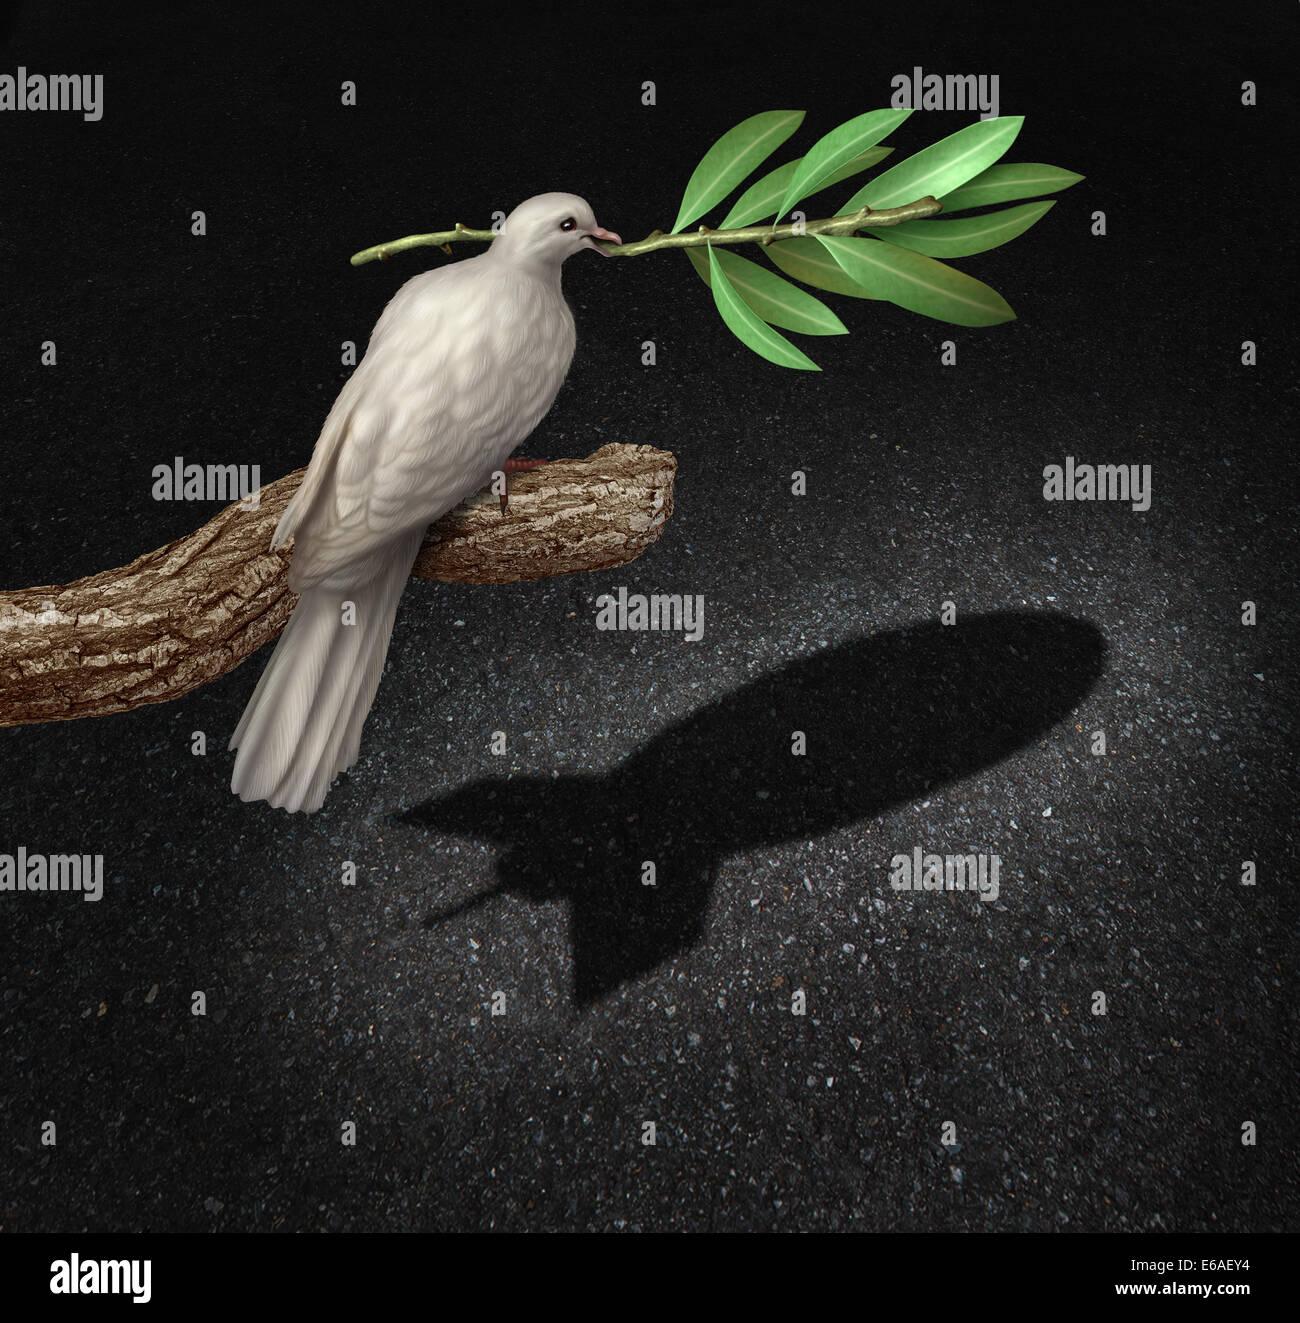 Riesgo de guerra concepto como una paloma de paz la libertad sosteniendo una rama de olivo una sombra que se modela Imagen De Stock